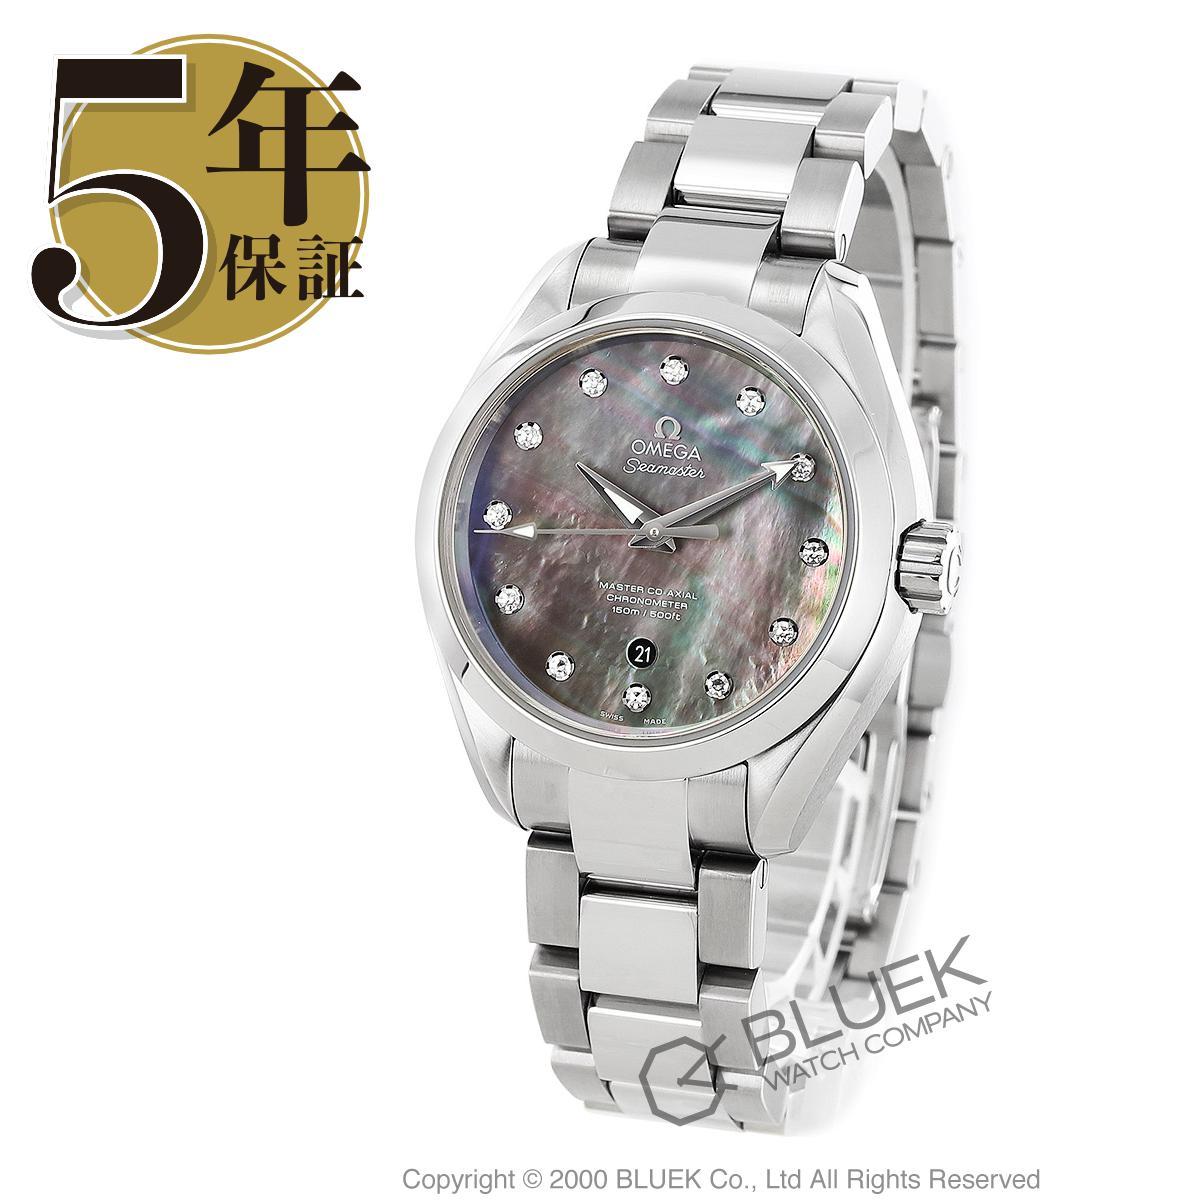 オメガ シーマスター アクアテラ マスターコーアクシャル ダイヤ 腕時計 レディース OMEGA 231.10.34.20.57.001_5